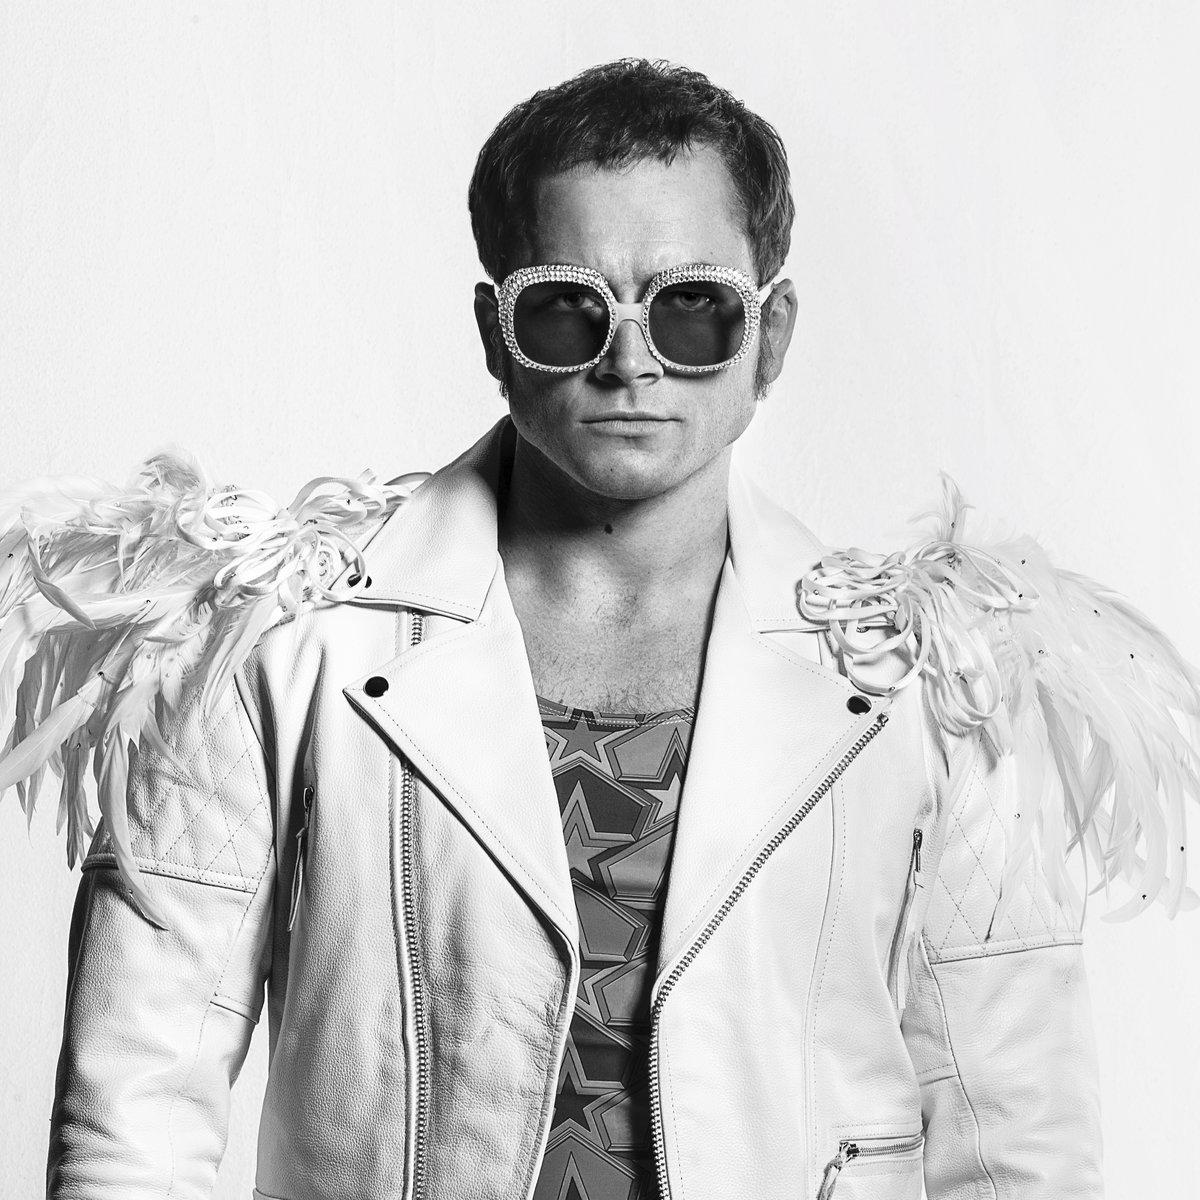 Film Rocketman. Předposlední květnový den vstoupí do kin fantasy muzikál inspirovaný životem Eltona Johna